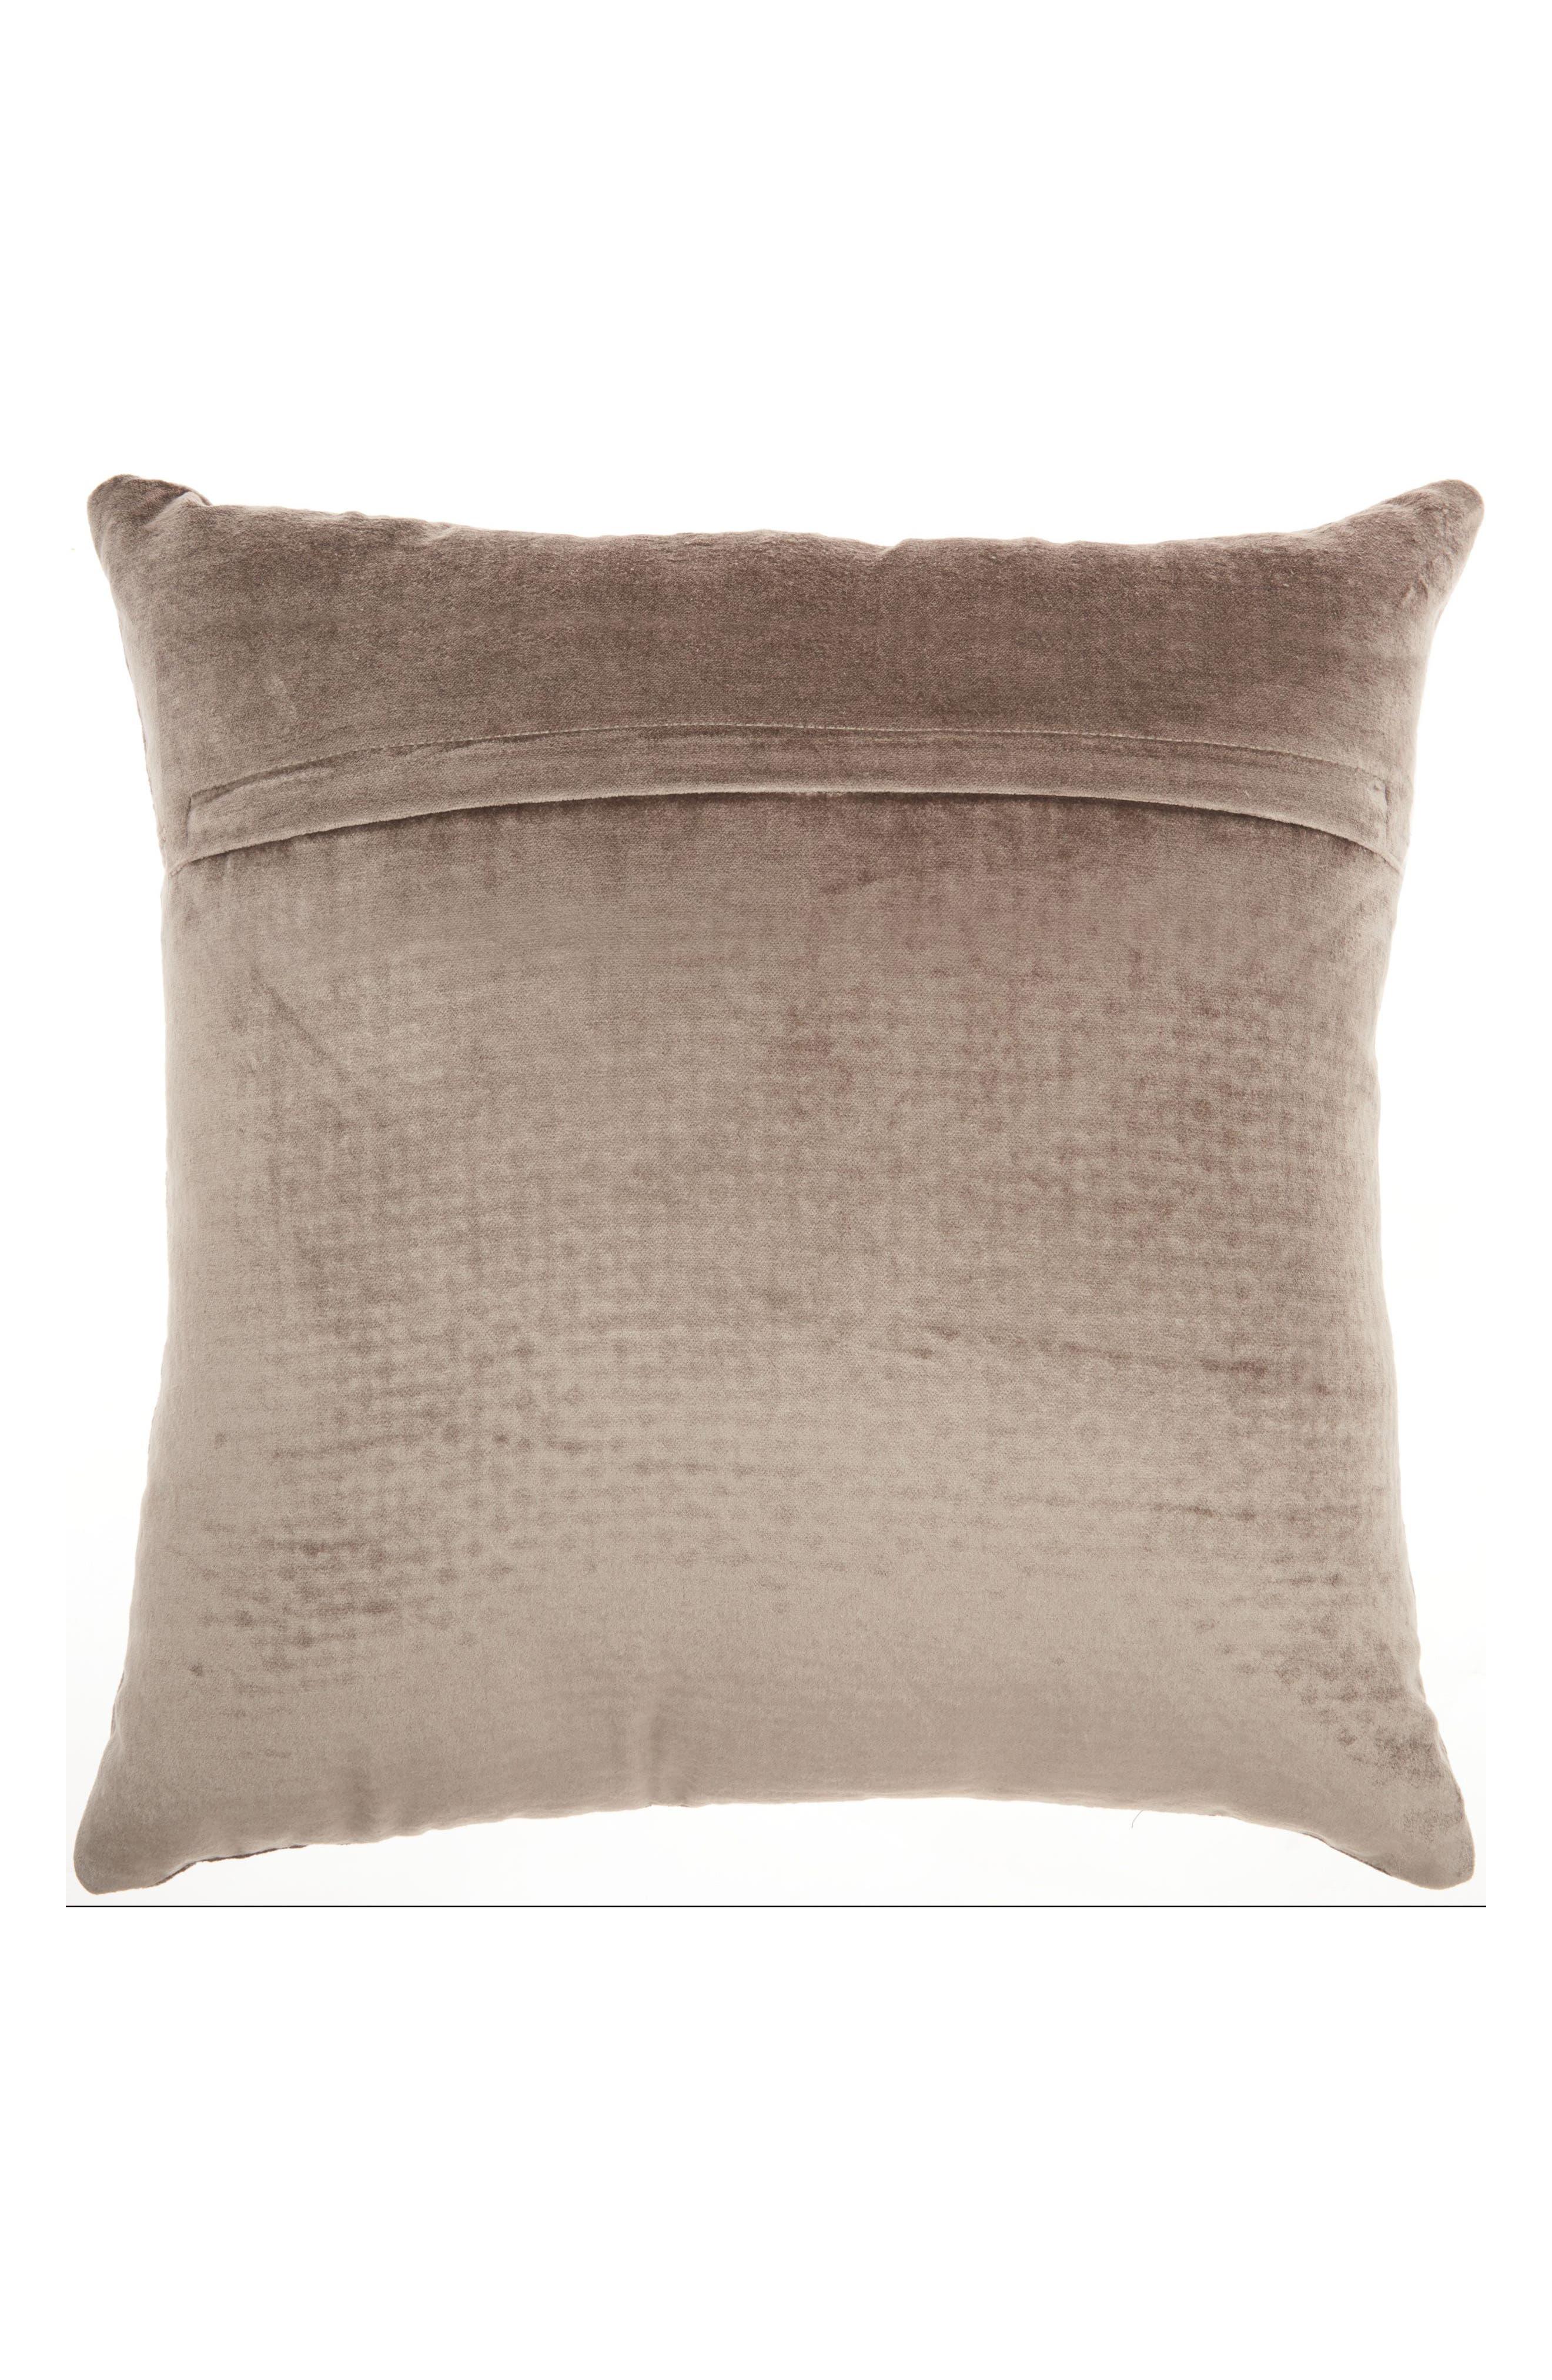 Cobble Jewel Accent Pillow,                             Alternate thumbnail 2, color,                             280